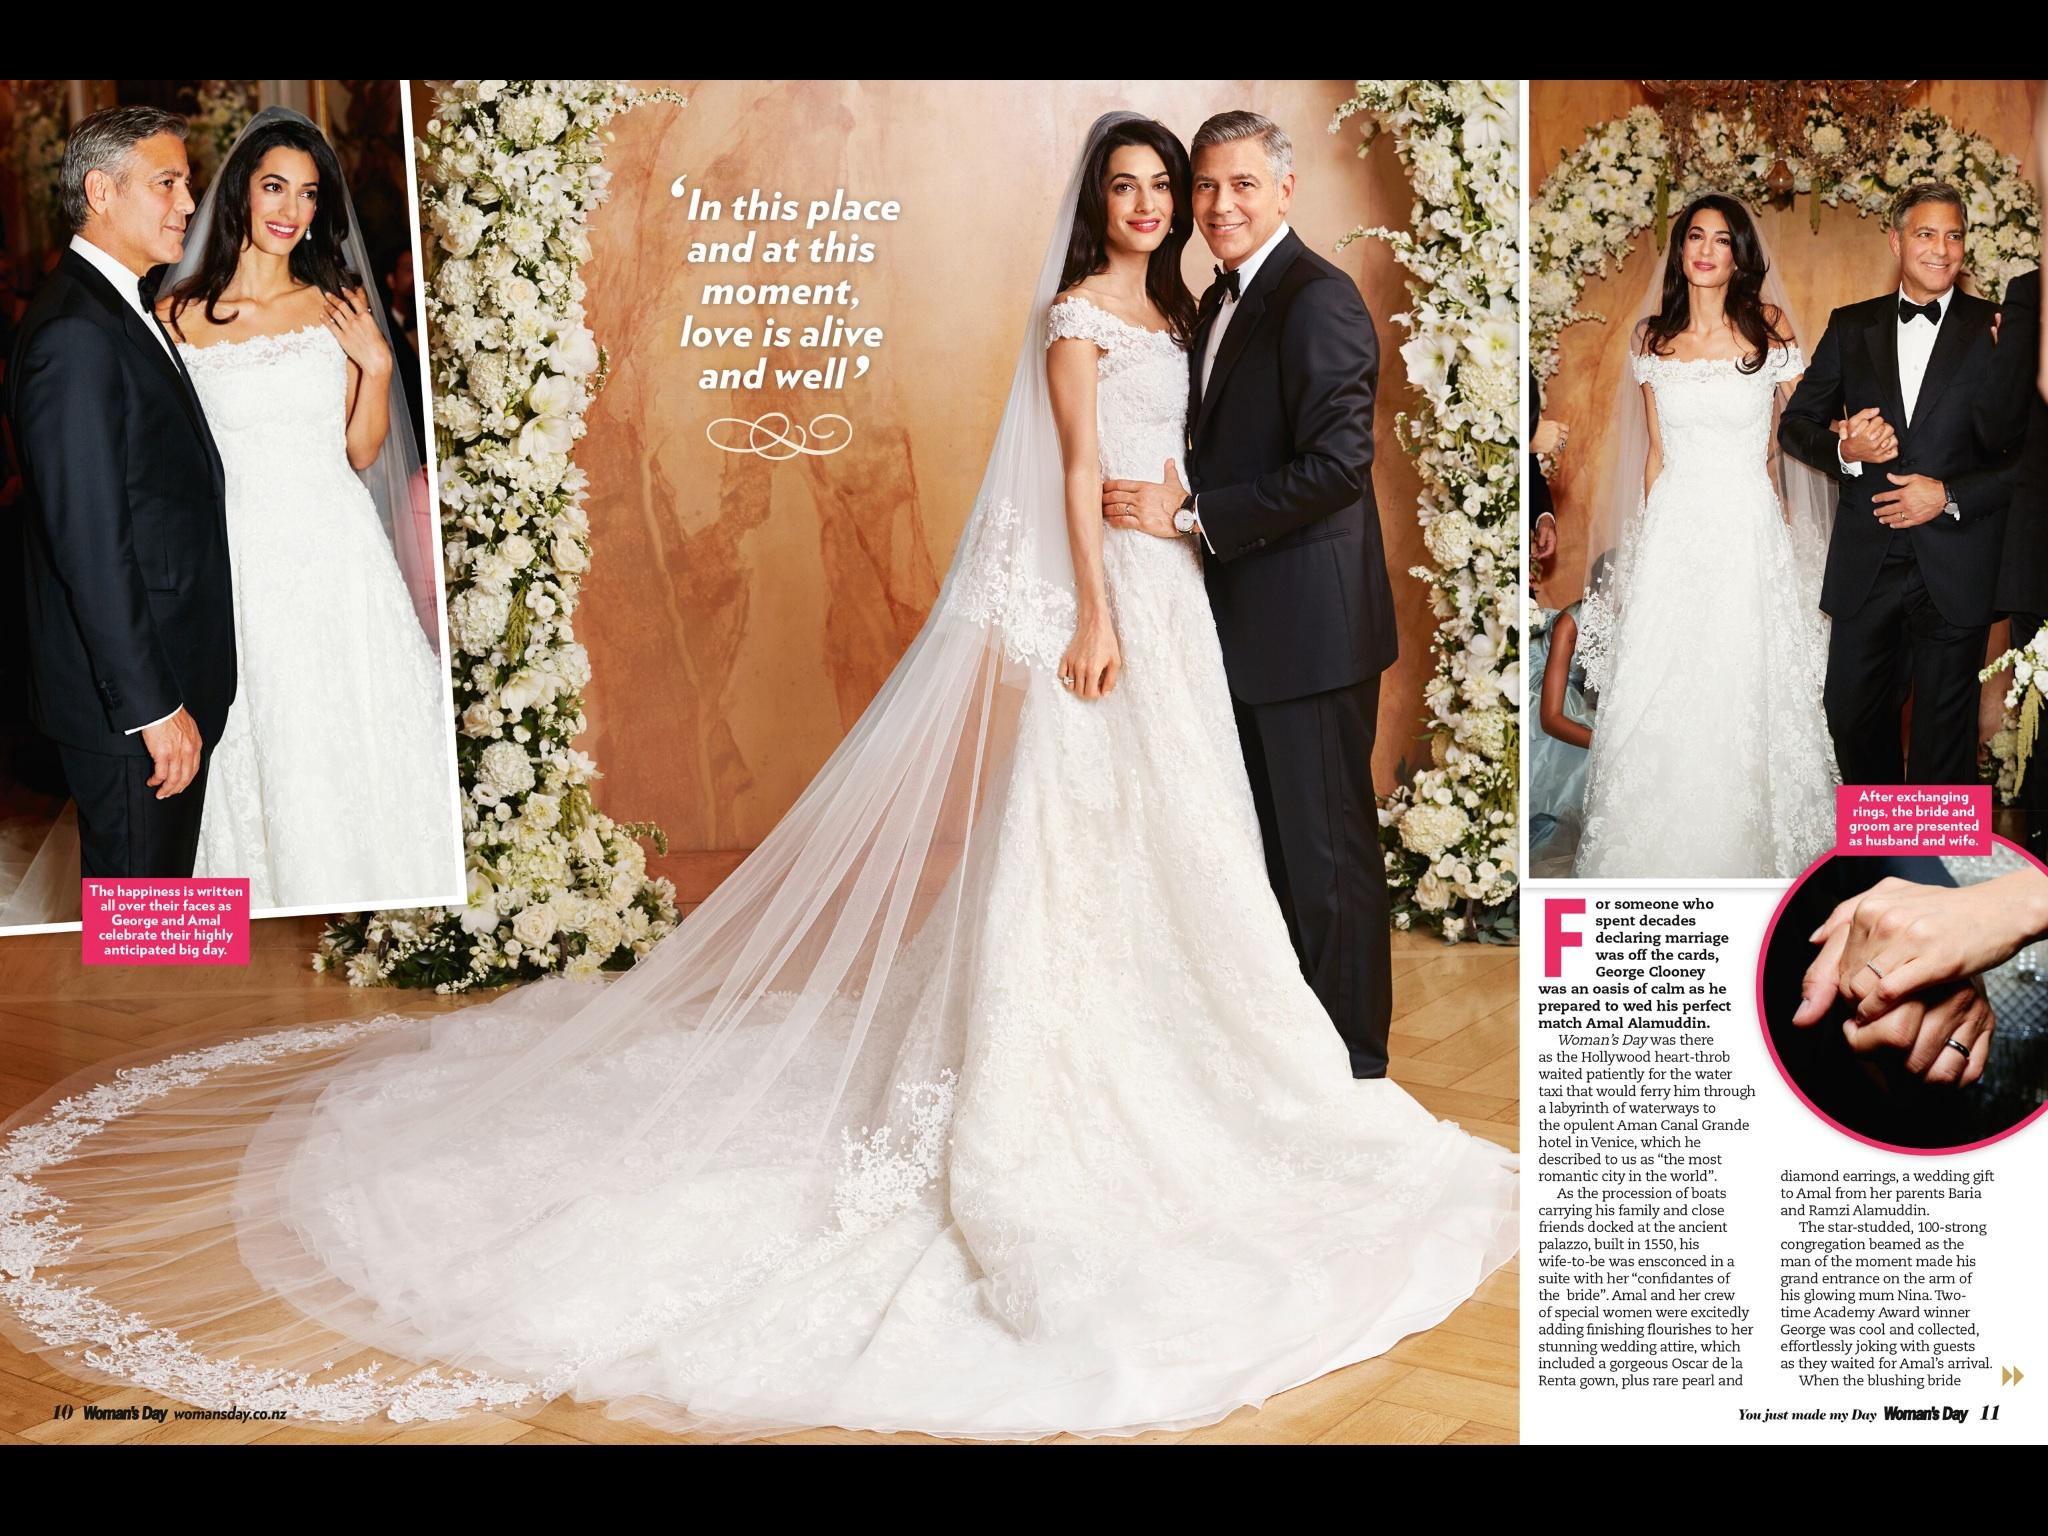 Джордж клуни фото его свадьбы